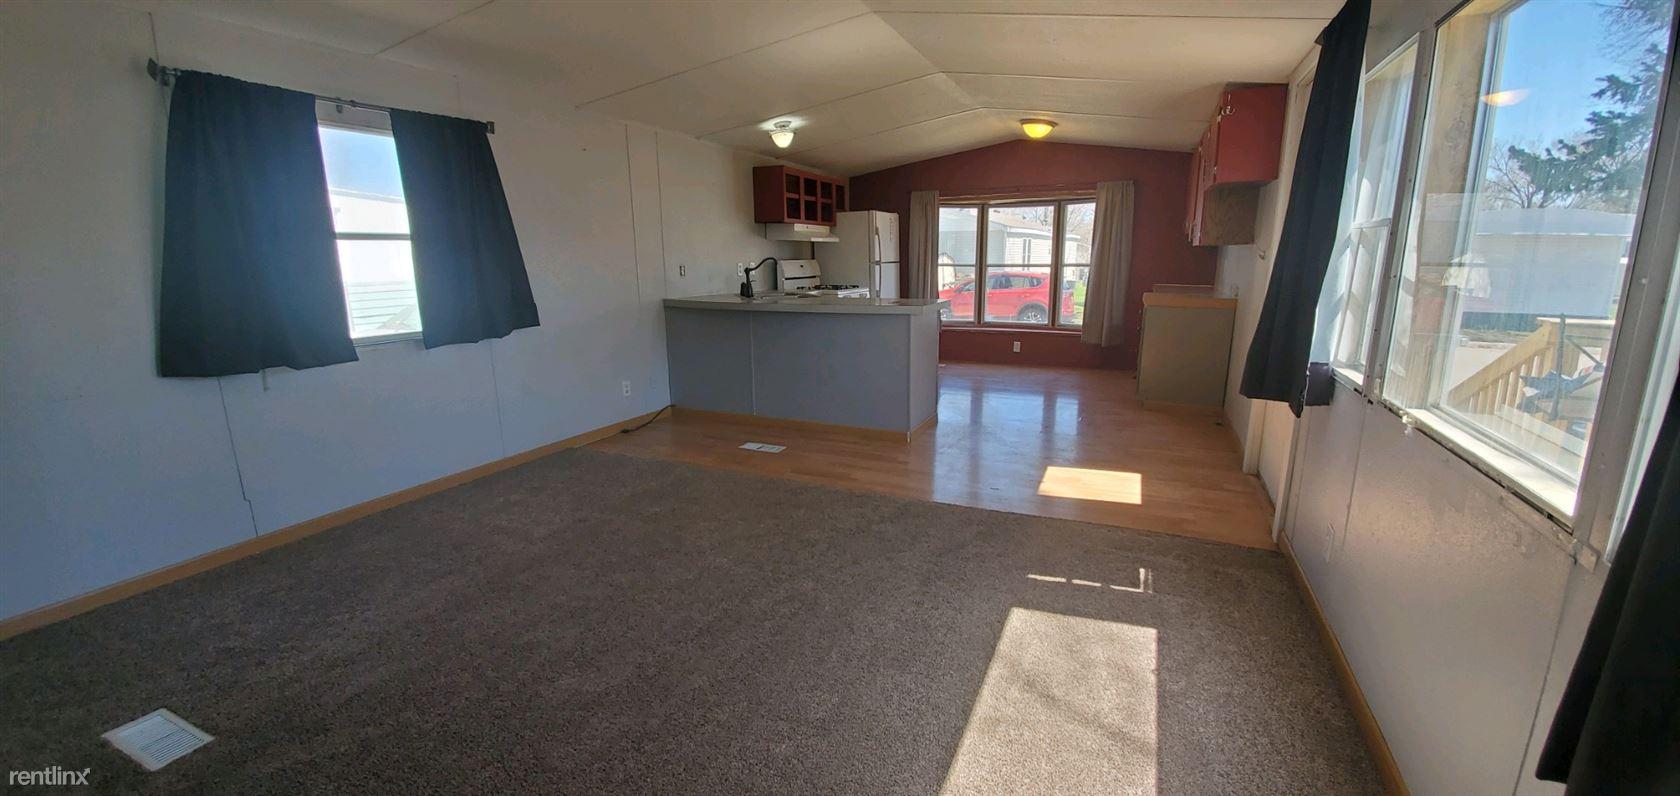 444 C St, West Fargo, ND - $1,099